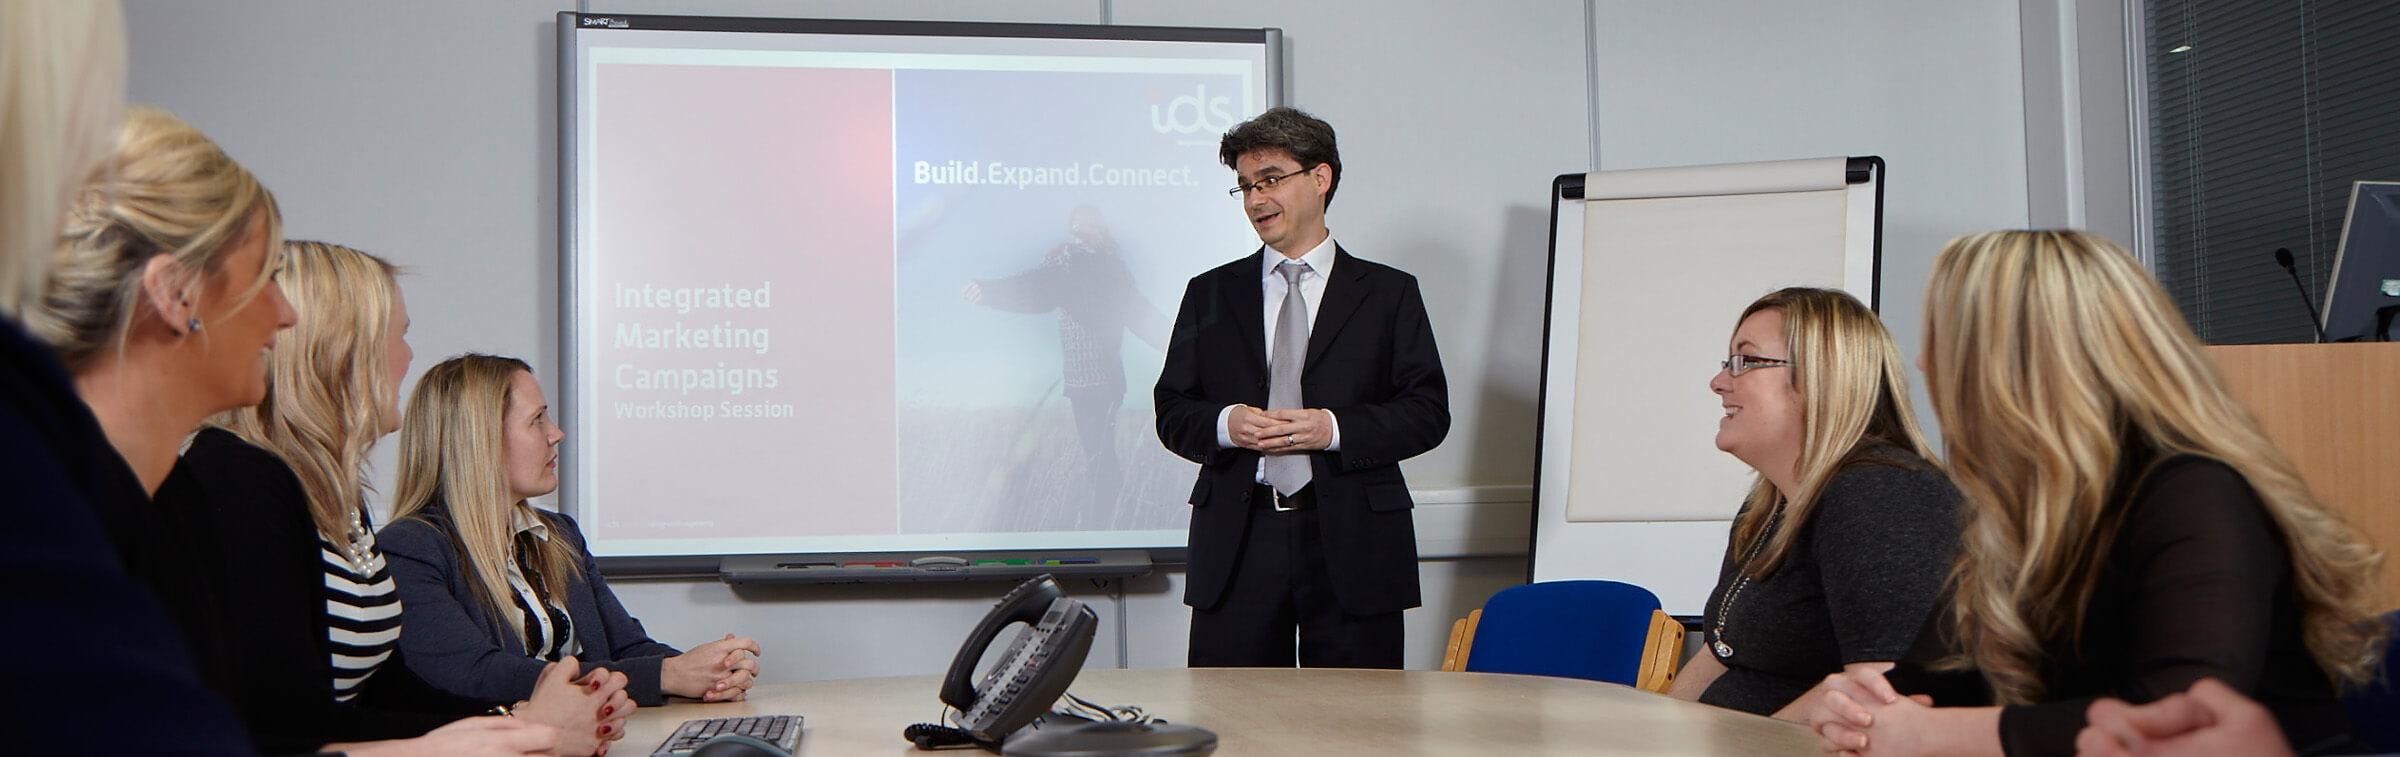 An IDS presentation